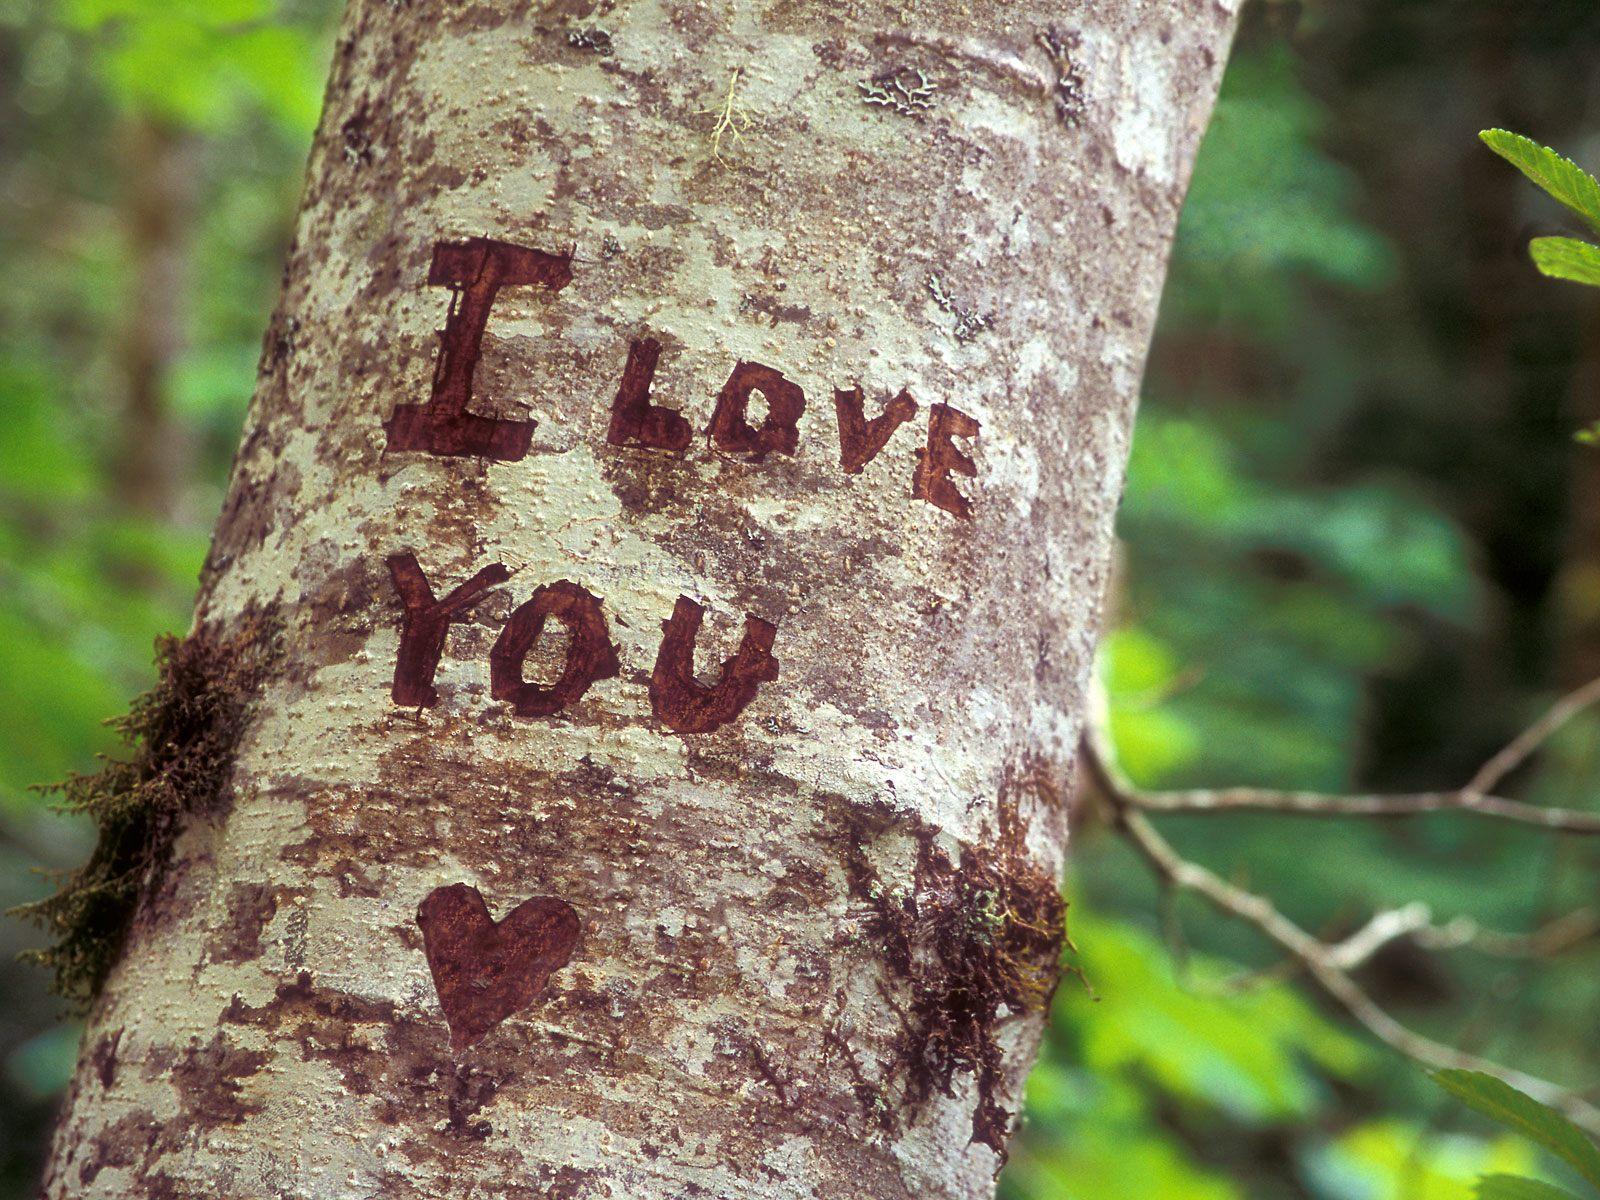 I love you fba vsve httrkp letlts voltagebd Images